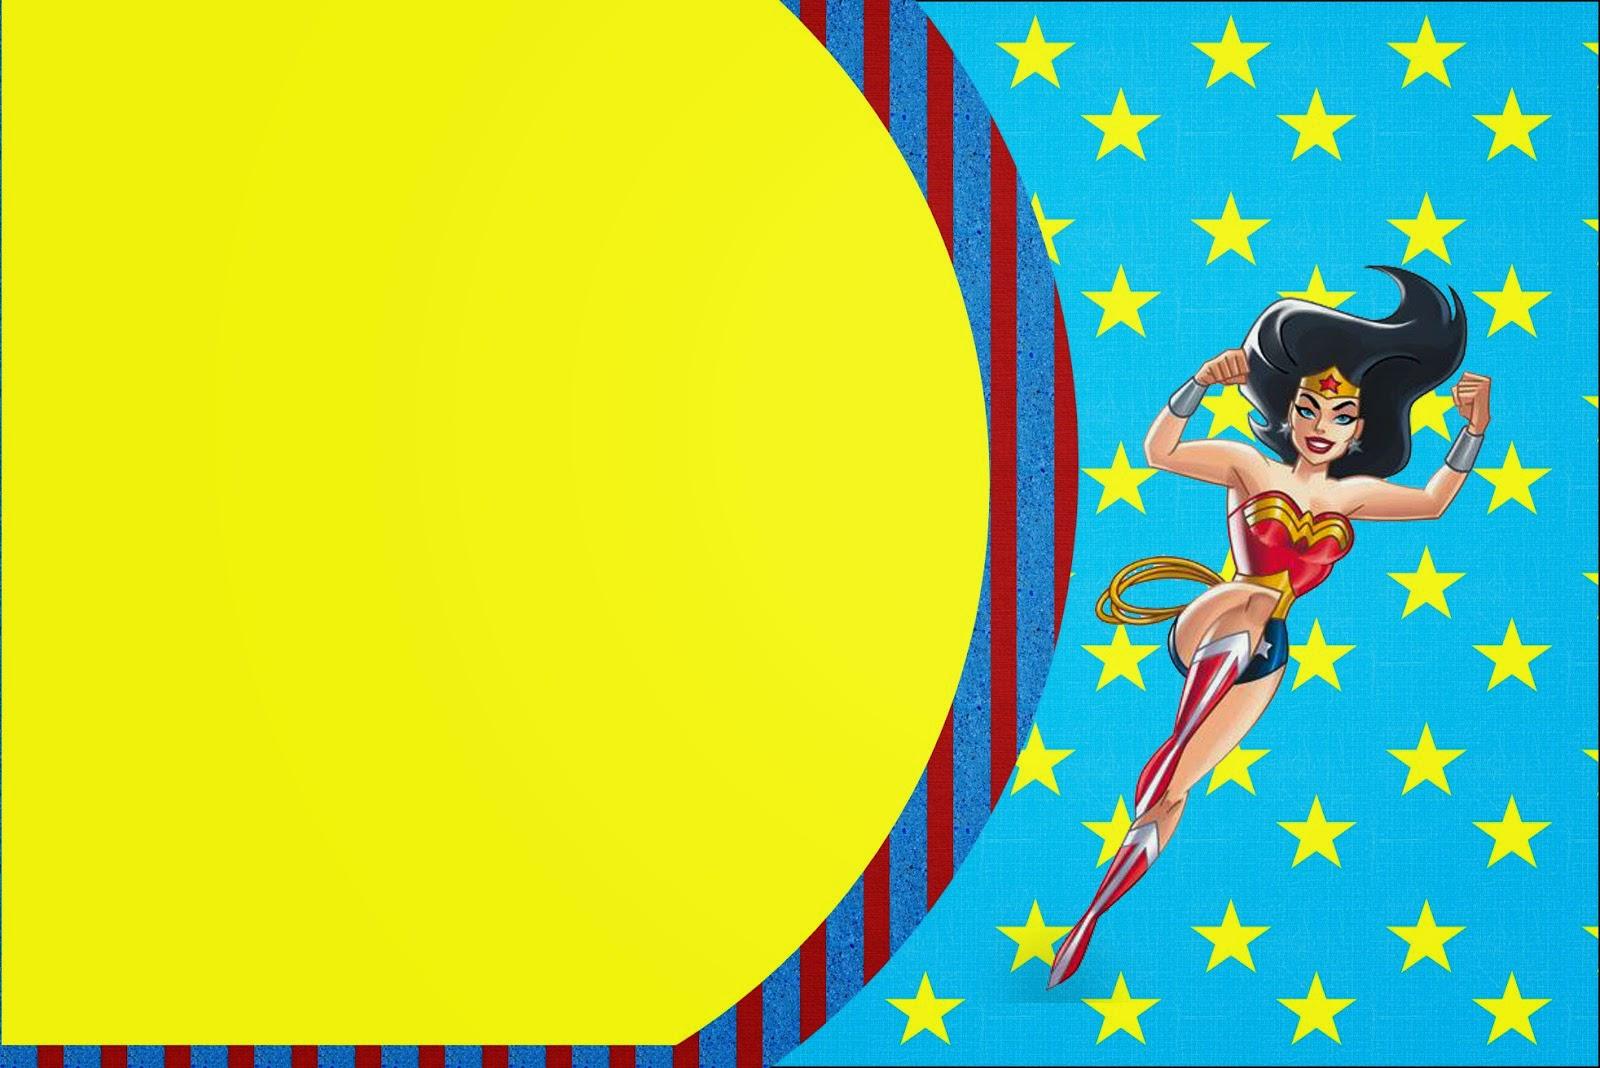 Para hacer invitaciones, tarjetas, marcos de fotos o etiquetas, para imprimir gratis de Mujer Maravilla